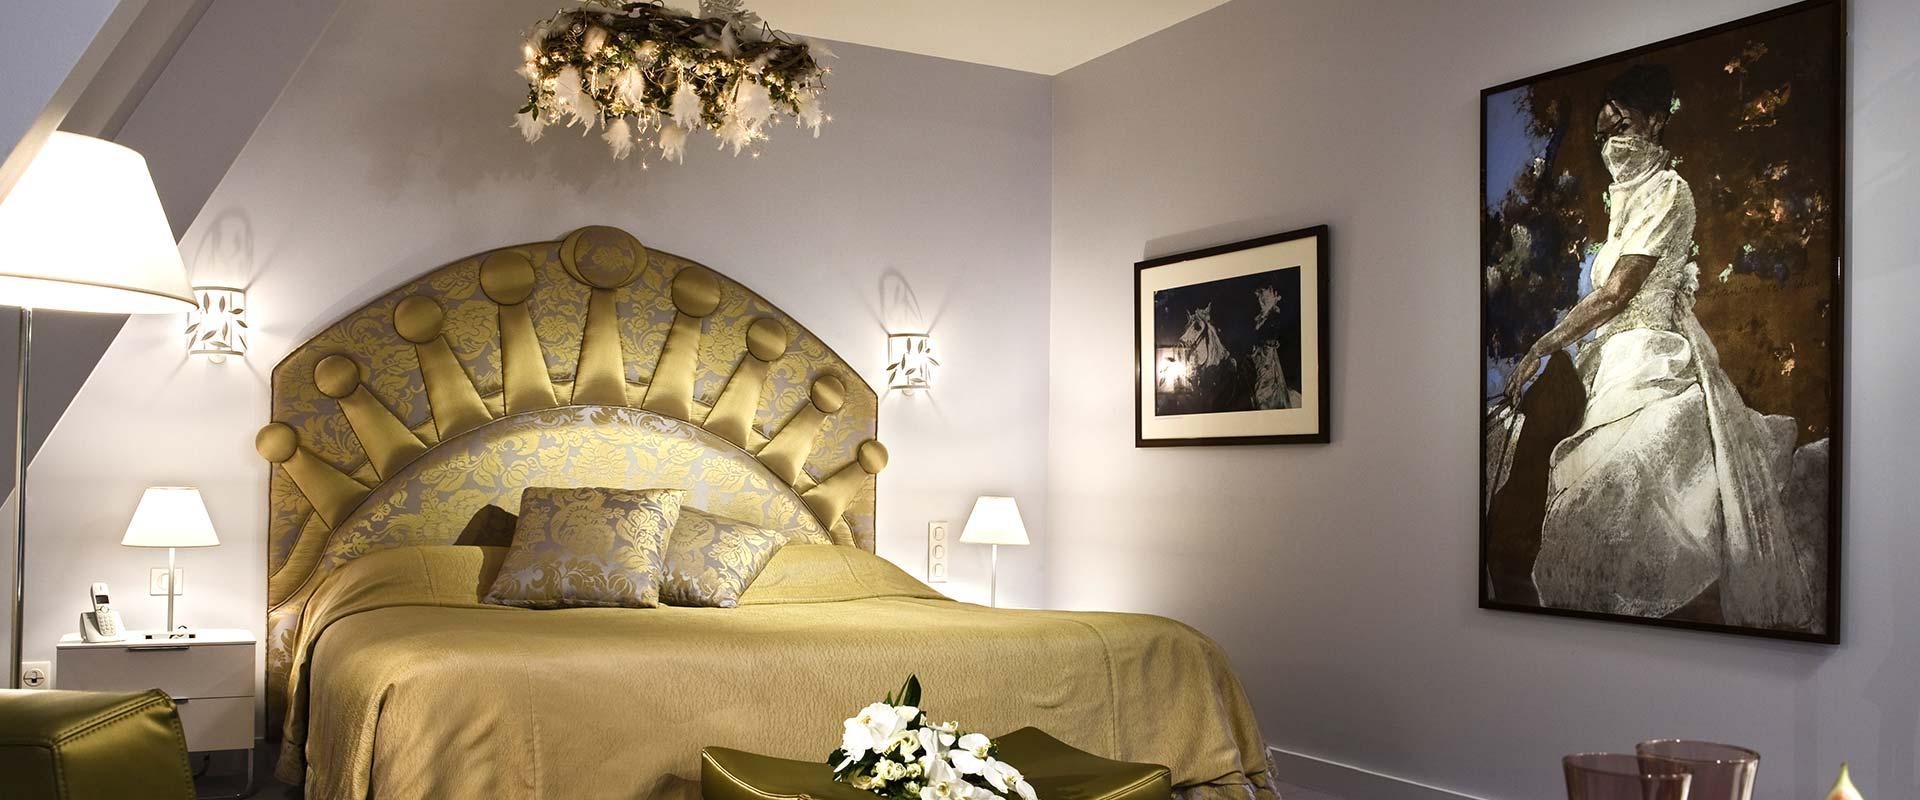 chambre de luxe pour un week end en amoureux dans un ch teau chantilly. Black Bedroom Furniture Sets. Home Design Ideas